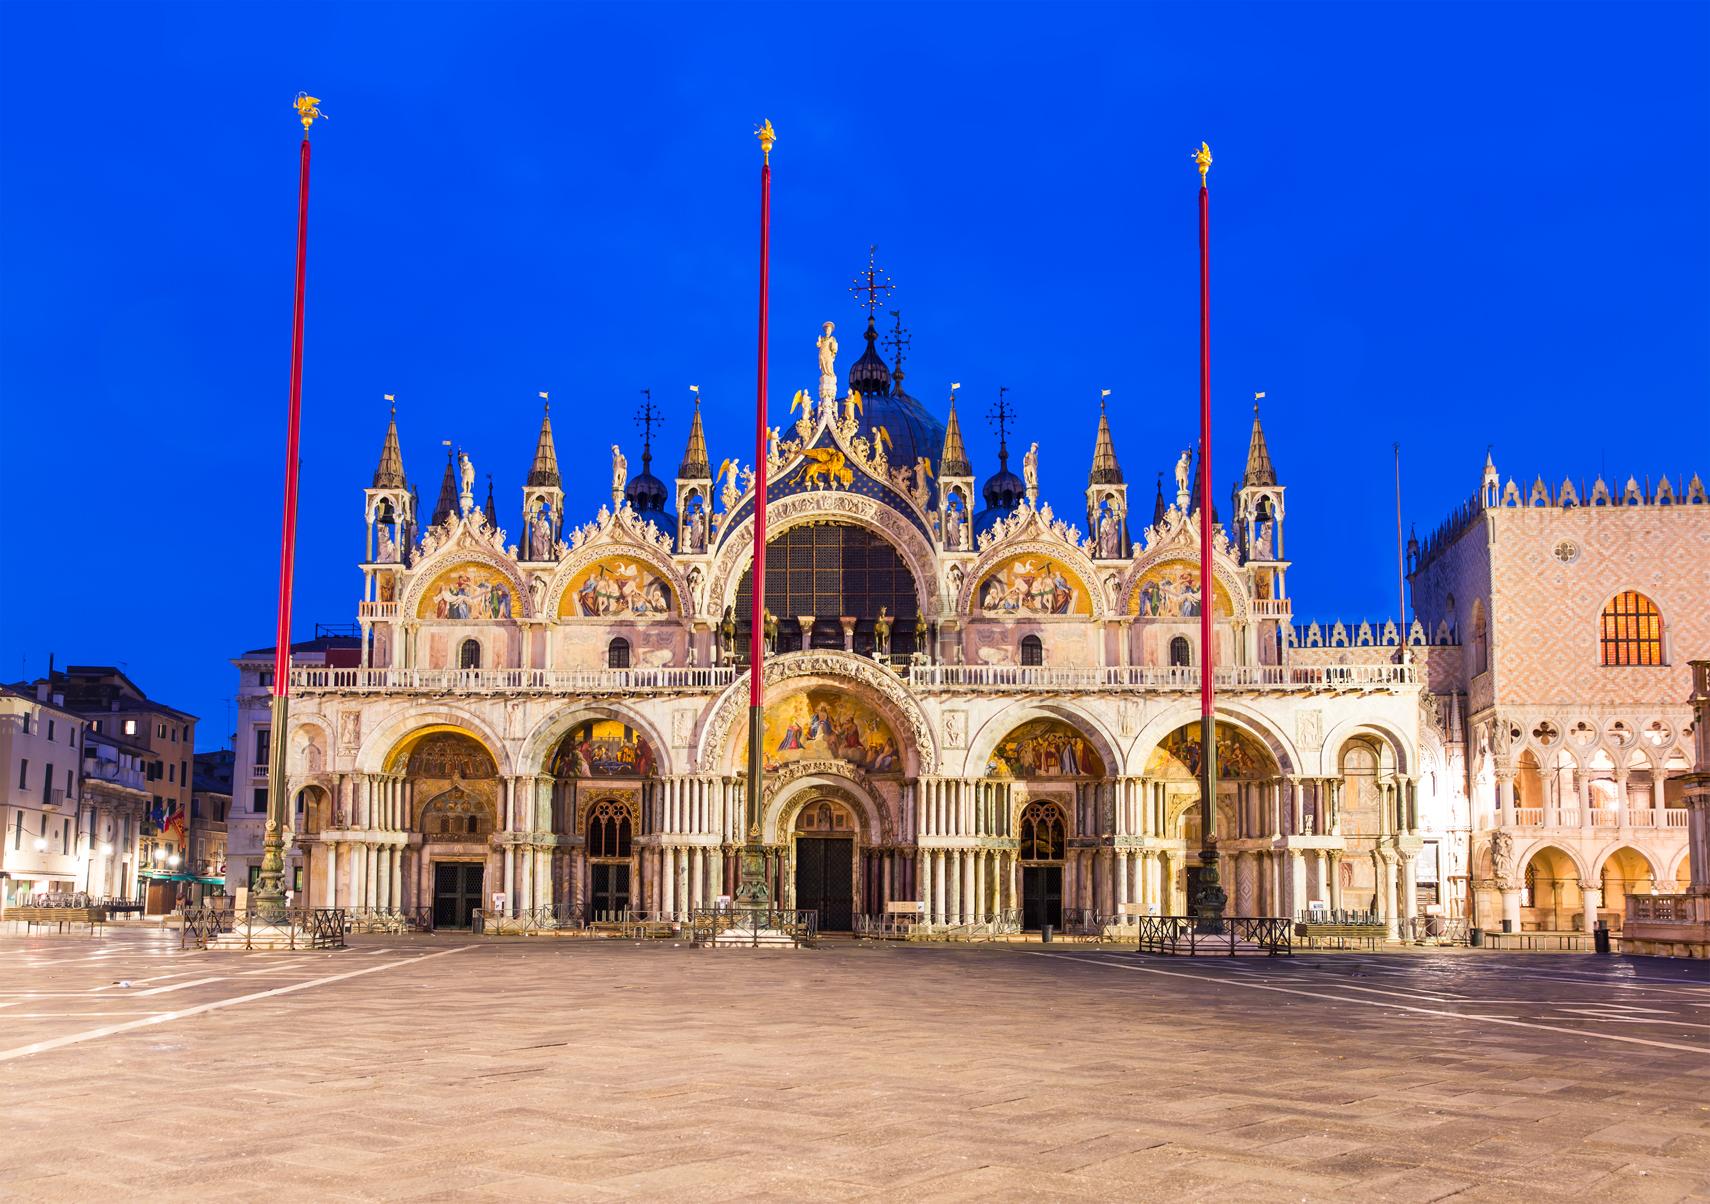 la basilica di san marco a venezia orari e costo biglietti. Black Bedroom Furniture Sets. Home Design Ideas